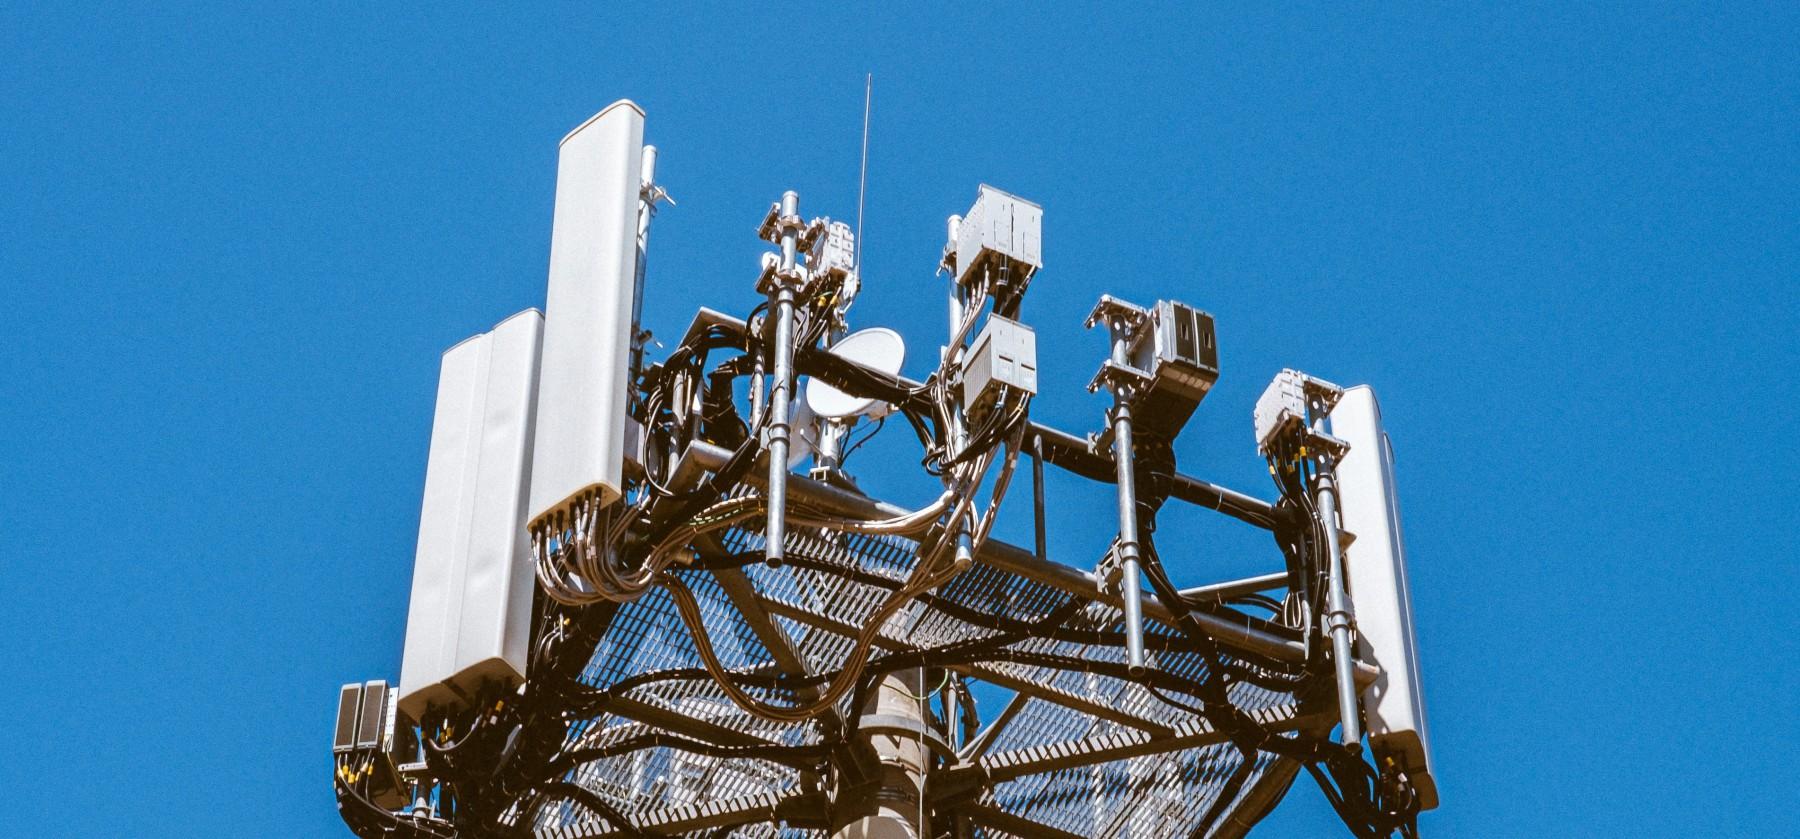 Ripetitore GSM e Ponti Radio a Treviso, Padova, Trento e Pordenone